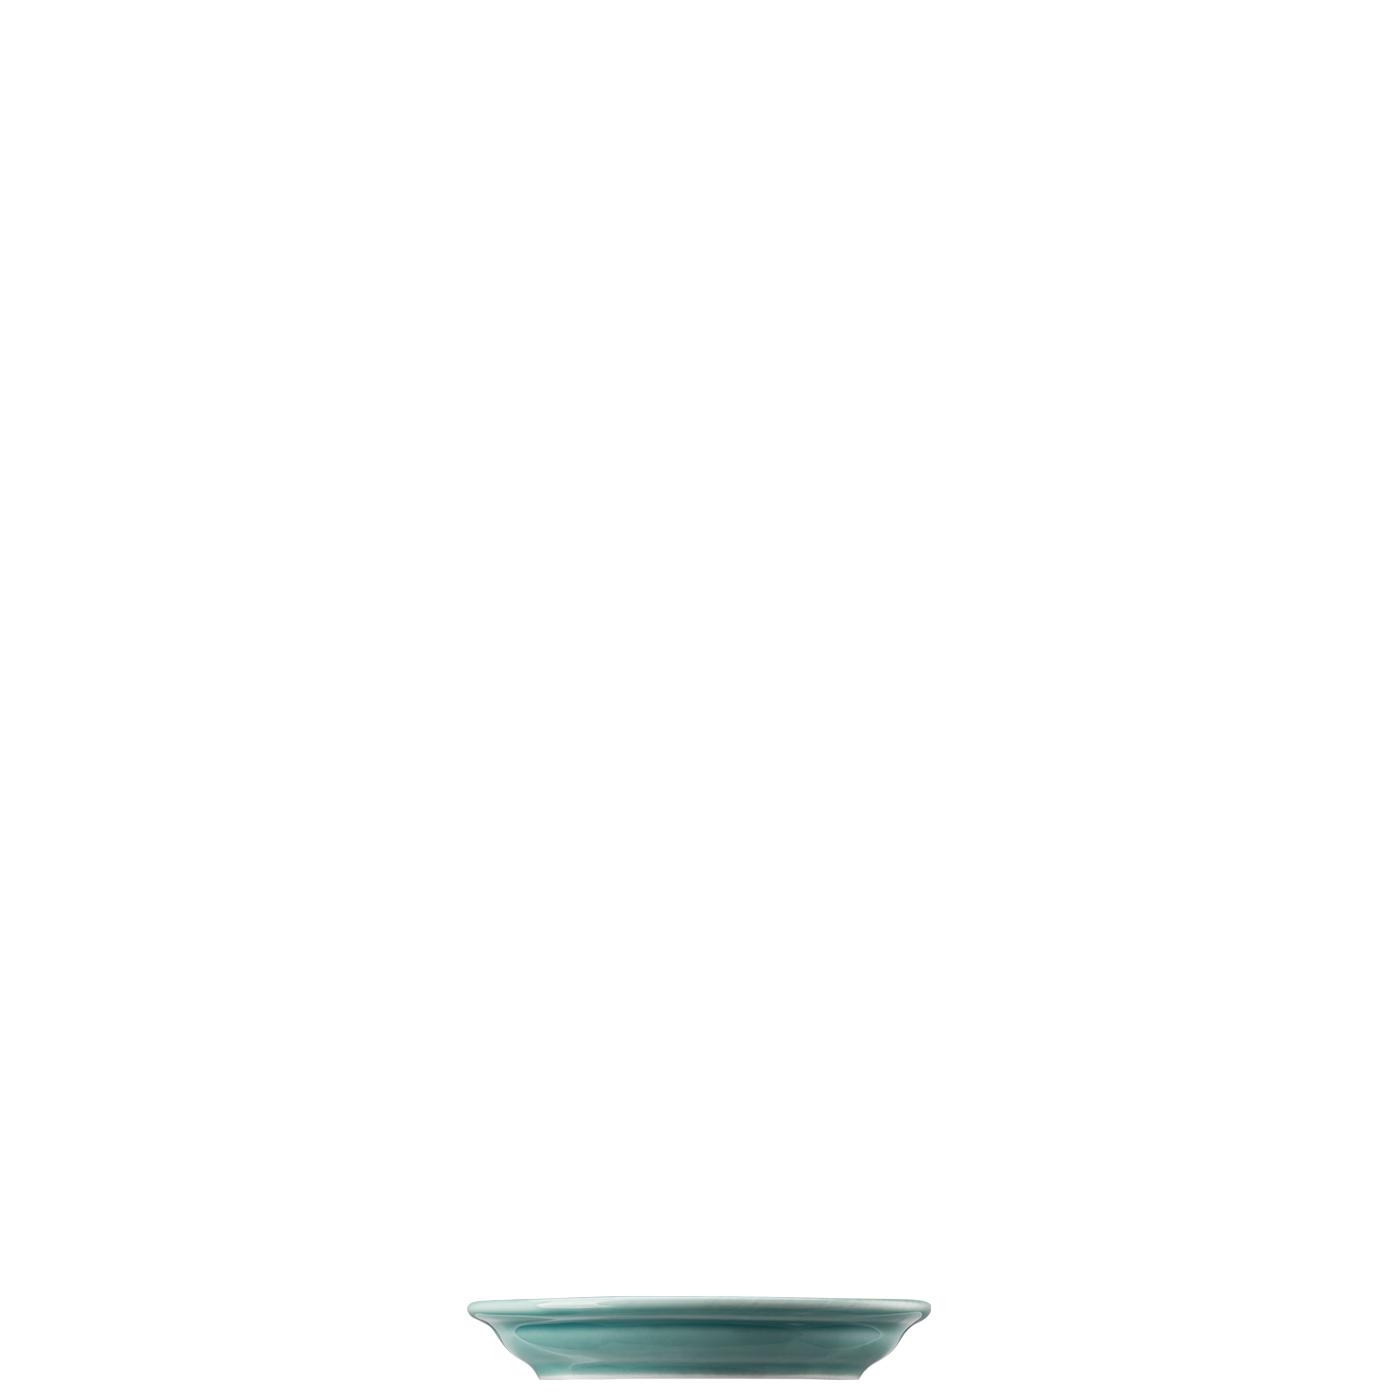 Espresso-Untertasse Trend Colour Ice Blue Thomas Porzellan